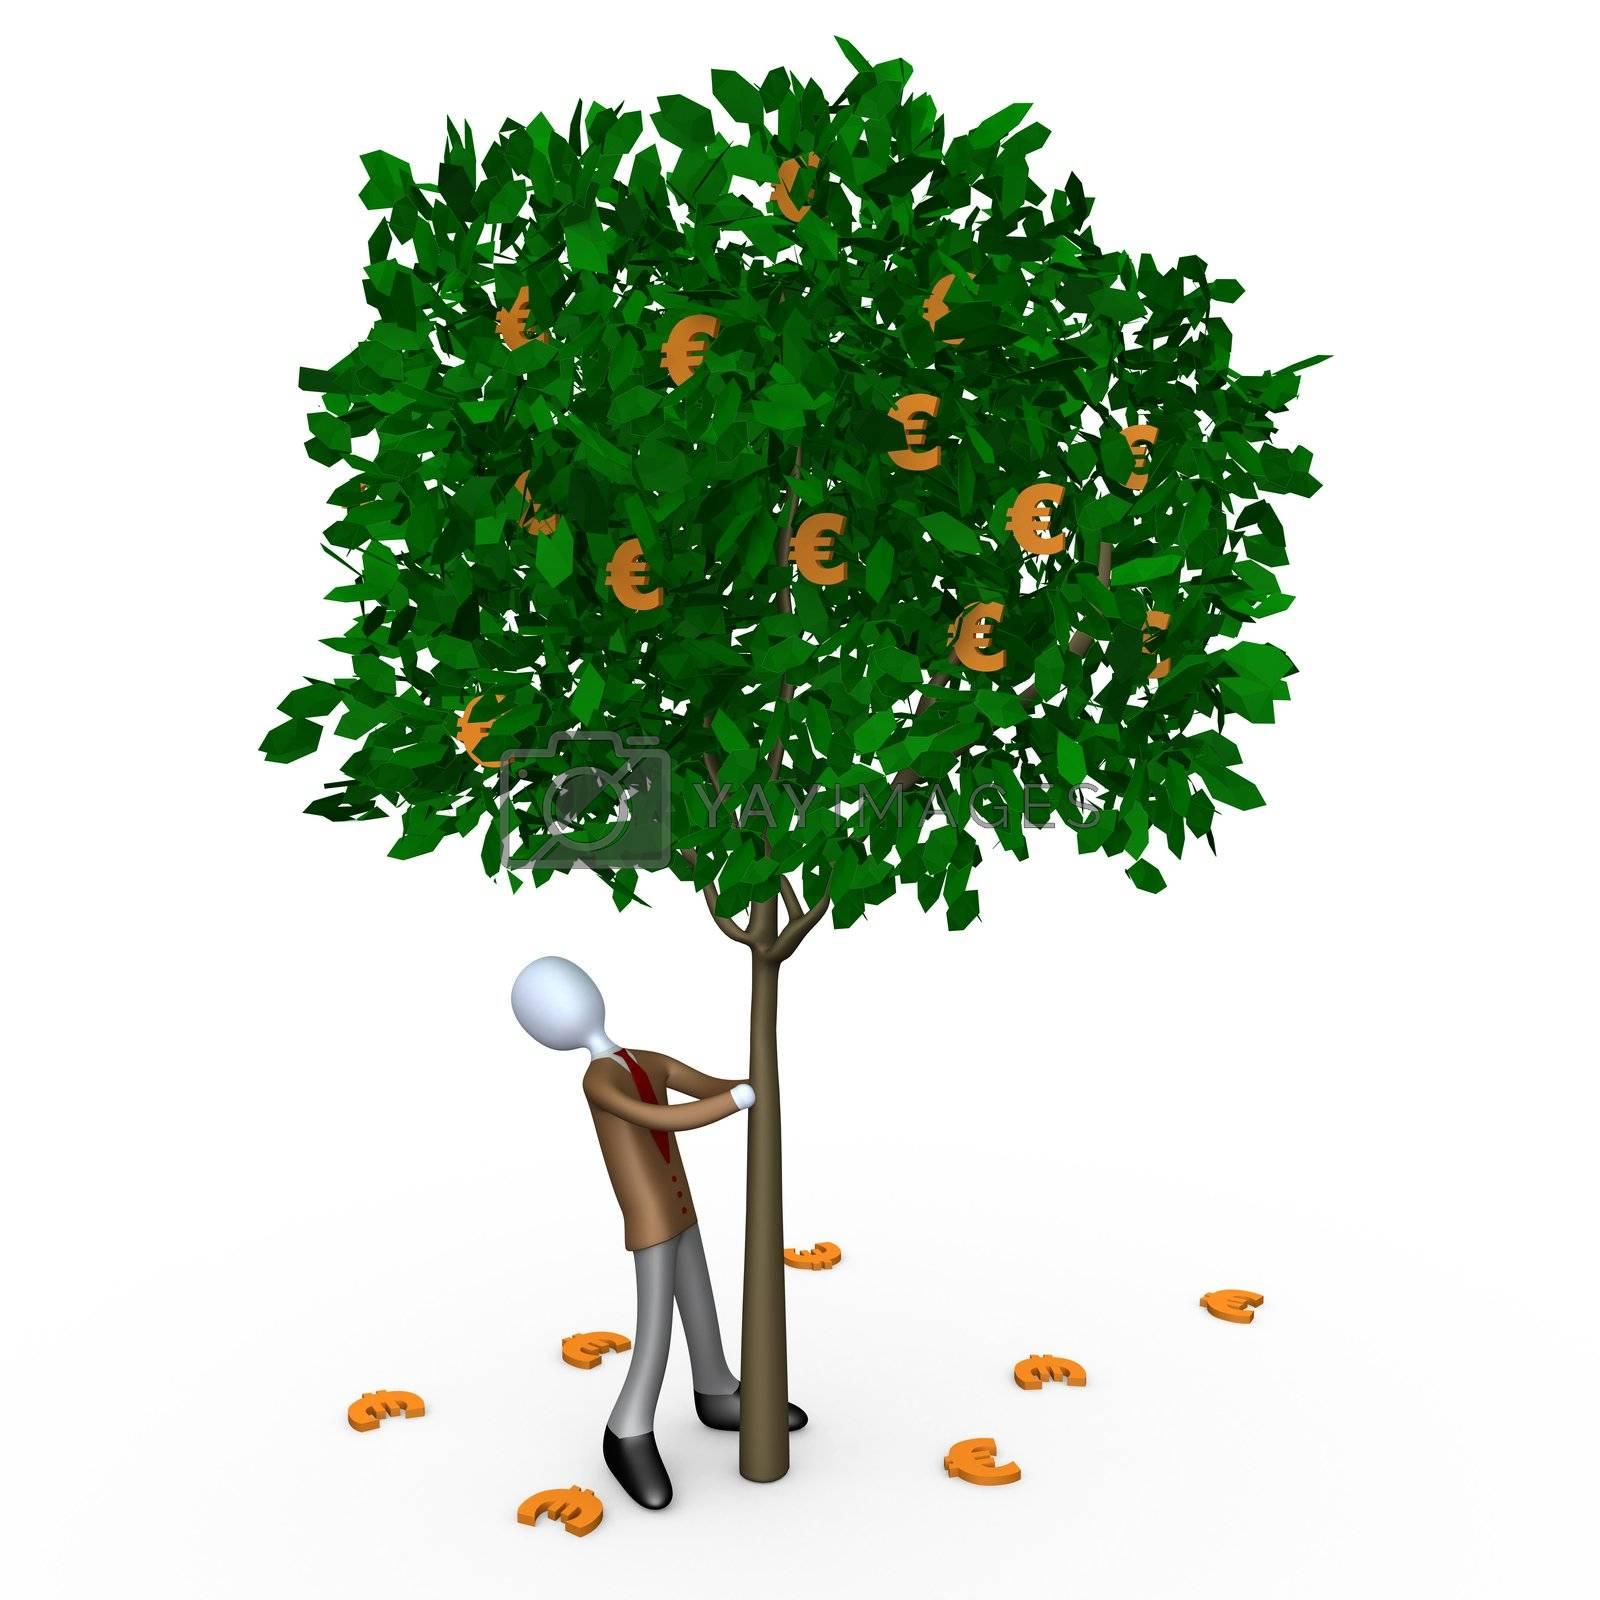 Euro Tree by 3pod